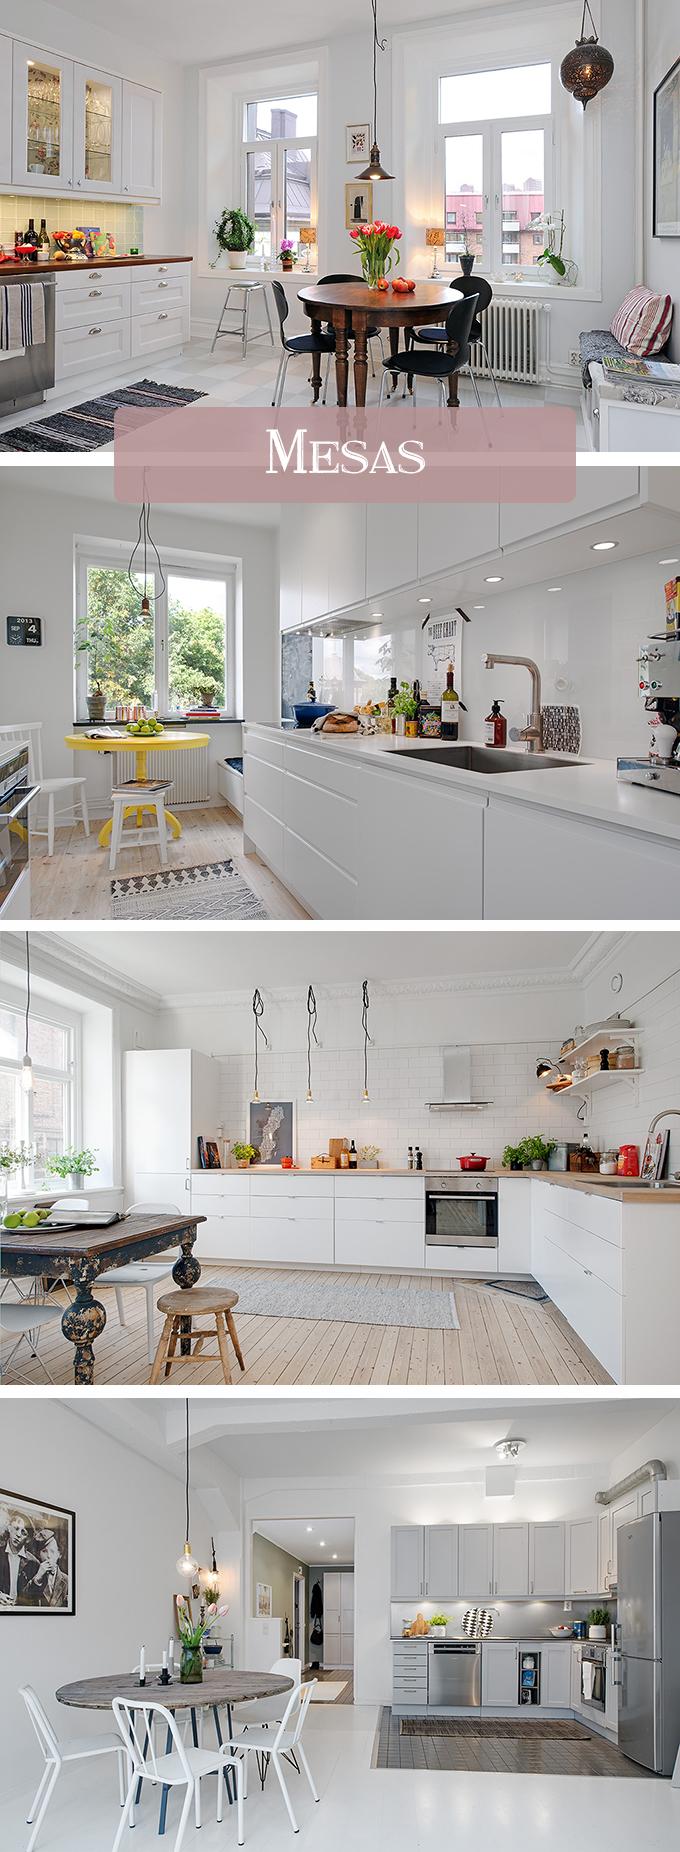 cocina nordica vintage 2